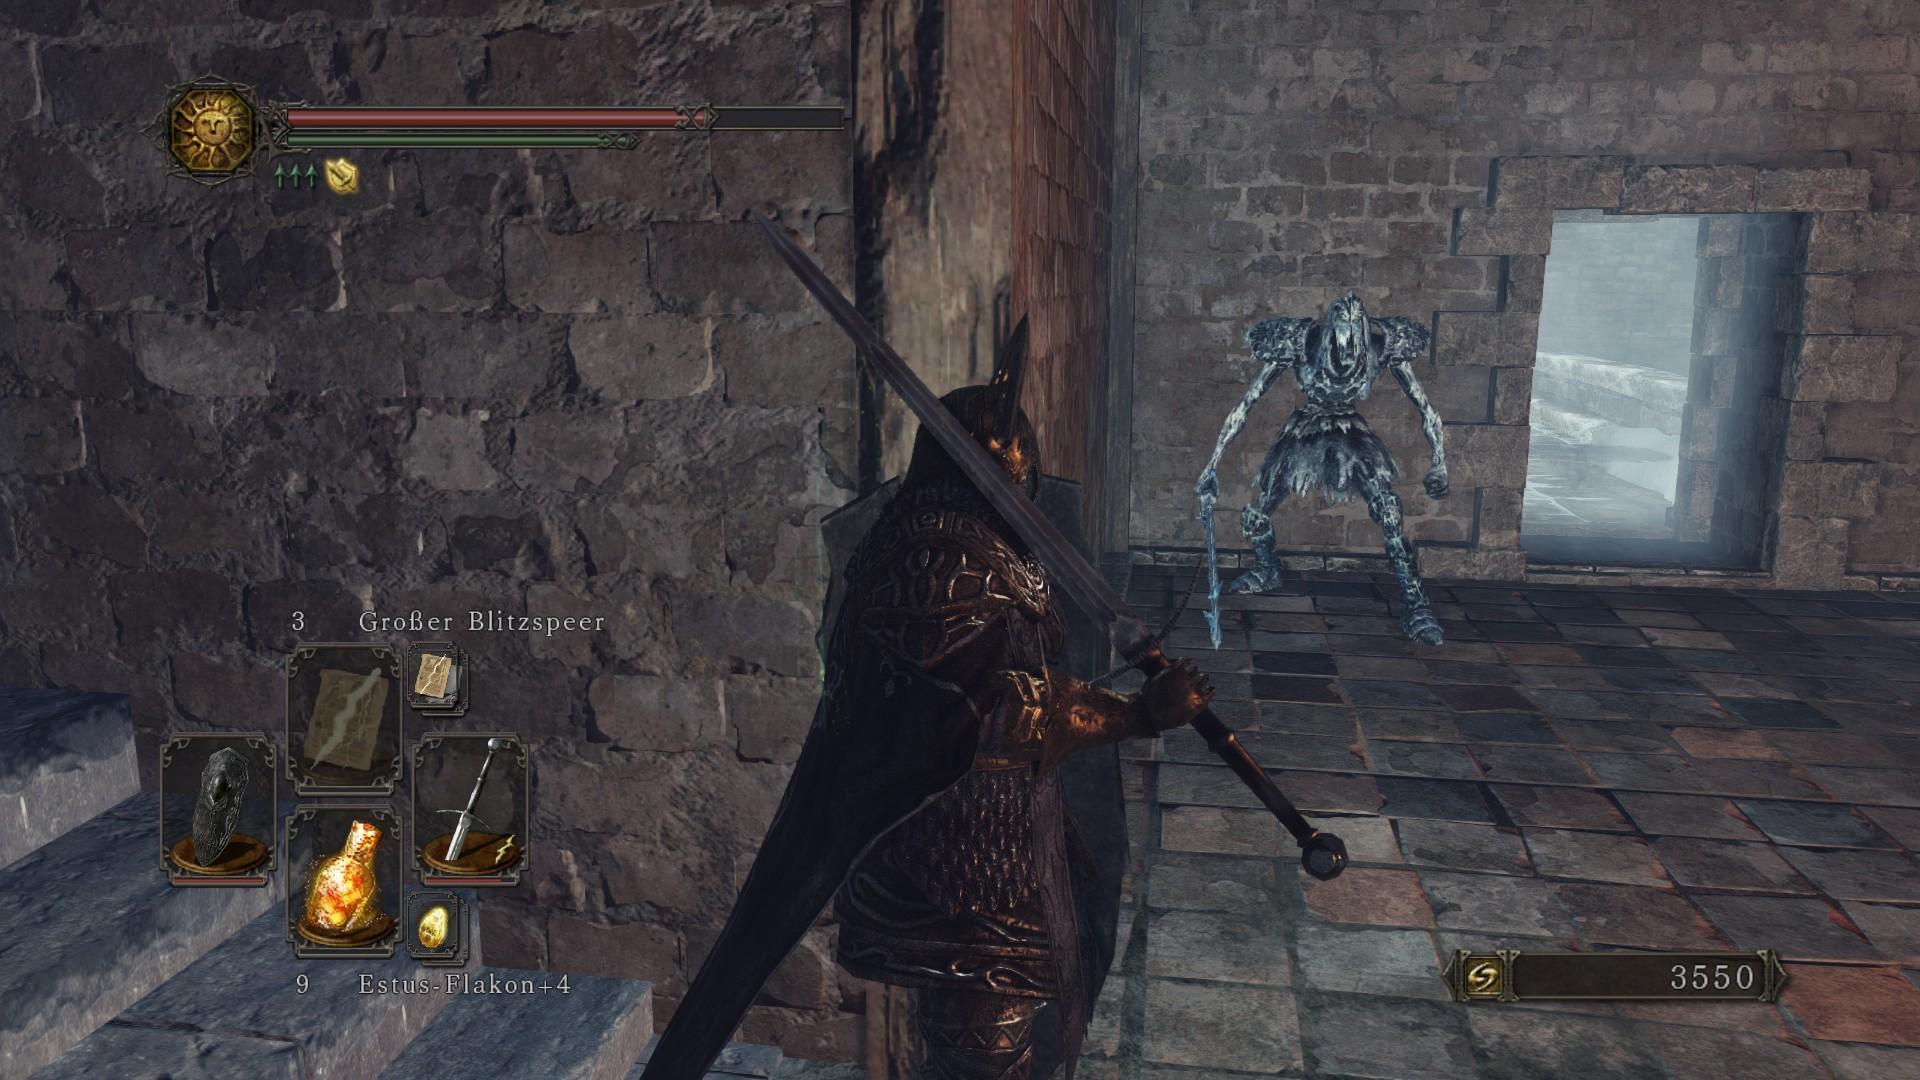 Ein Gegner lauert hinter der Ecke auf uns. Das ist nun wirklich nicht sehr kreativ … und löst bei Dark Souls Veteranen keinen Enthusiasmus aus.